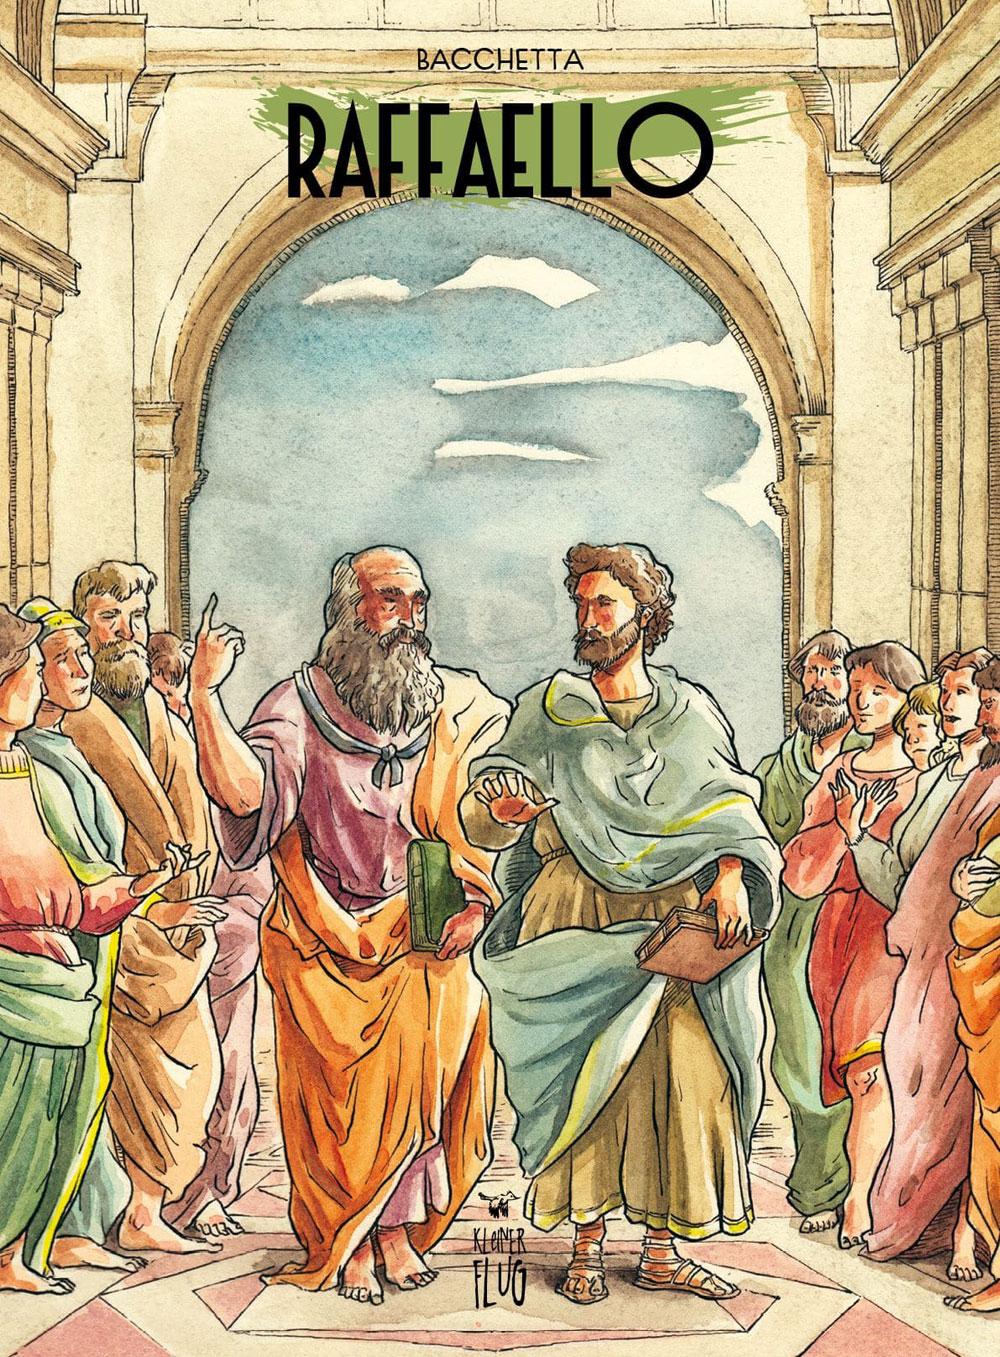 La vita e l'opera di Raffaello diventa un fumetto